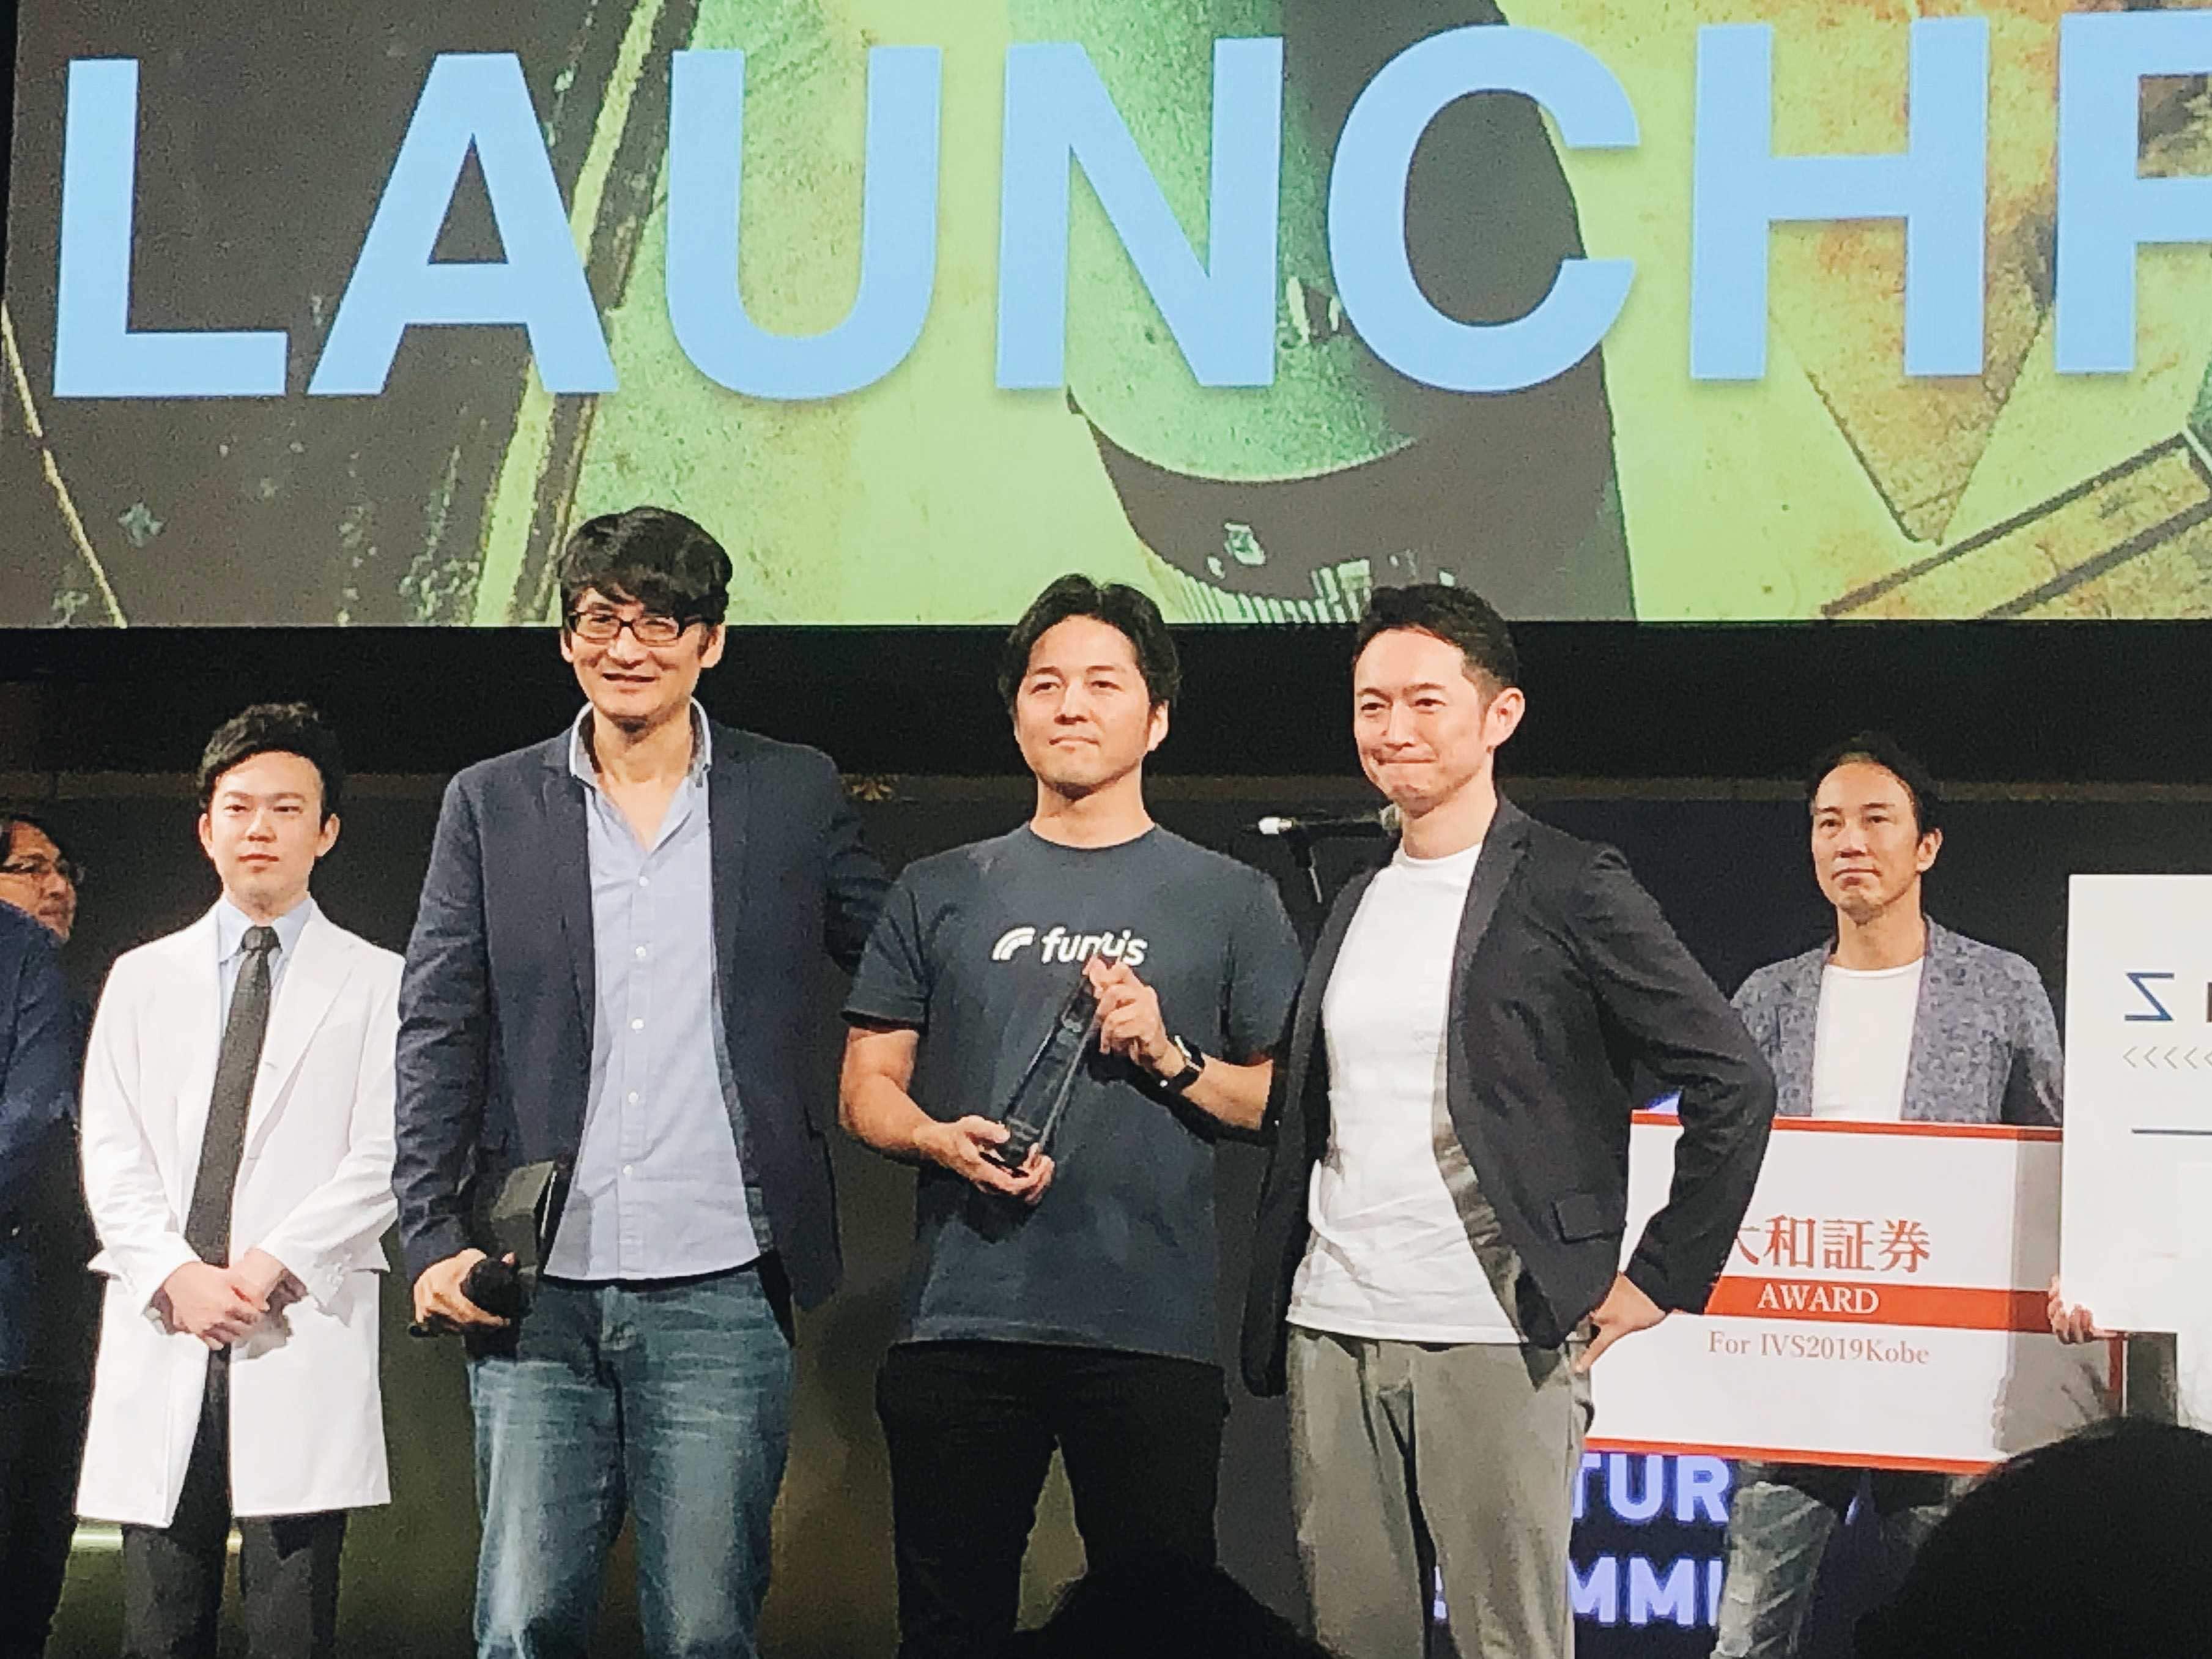 貸付投資のFundsを運営するクラウドポート、日本最大級のスタートアッププレゼンコンテスト「IVS LaunchPad」で優勝